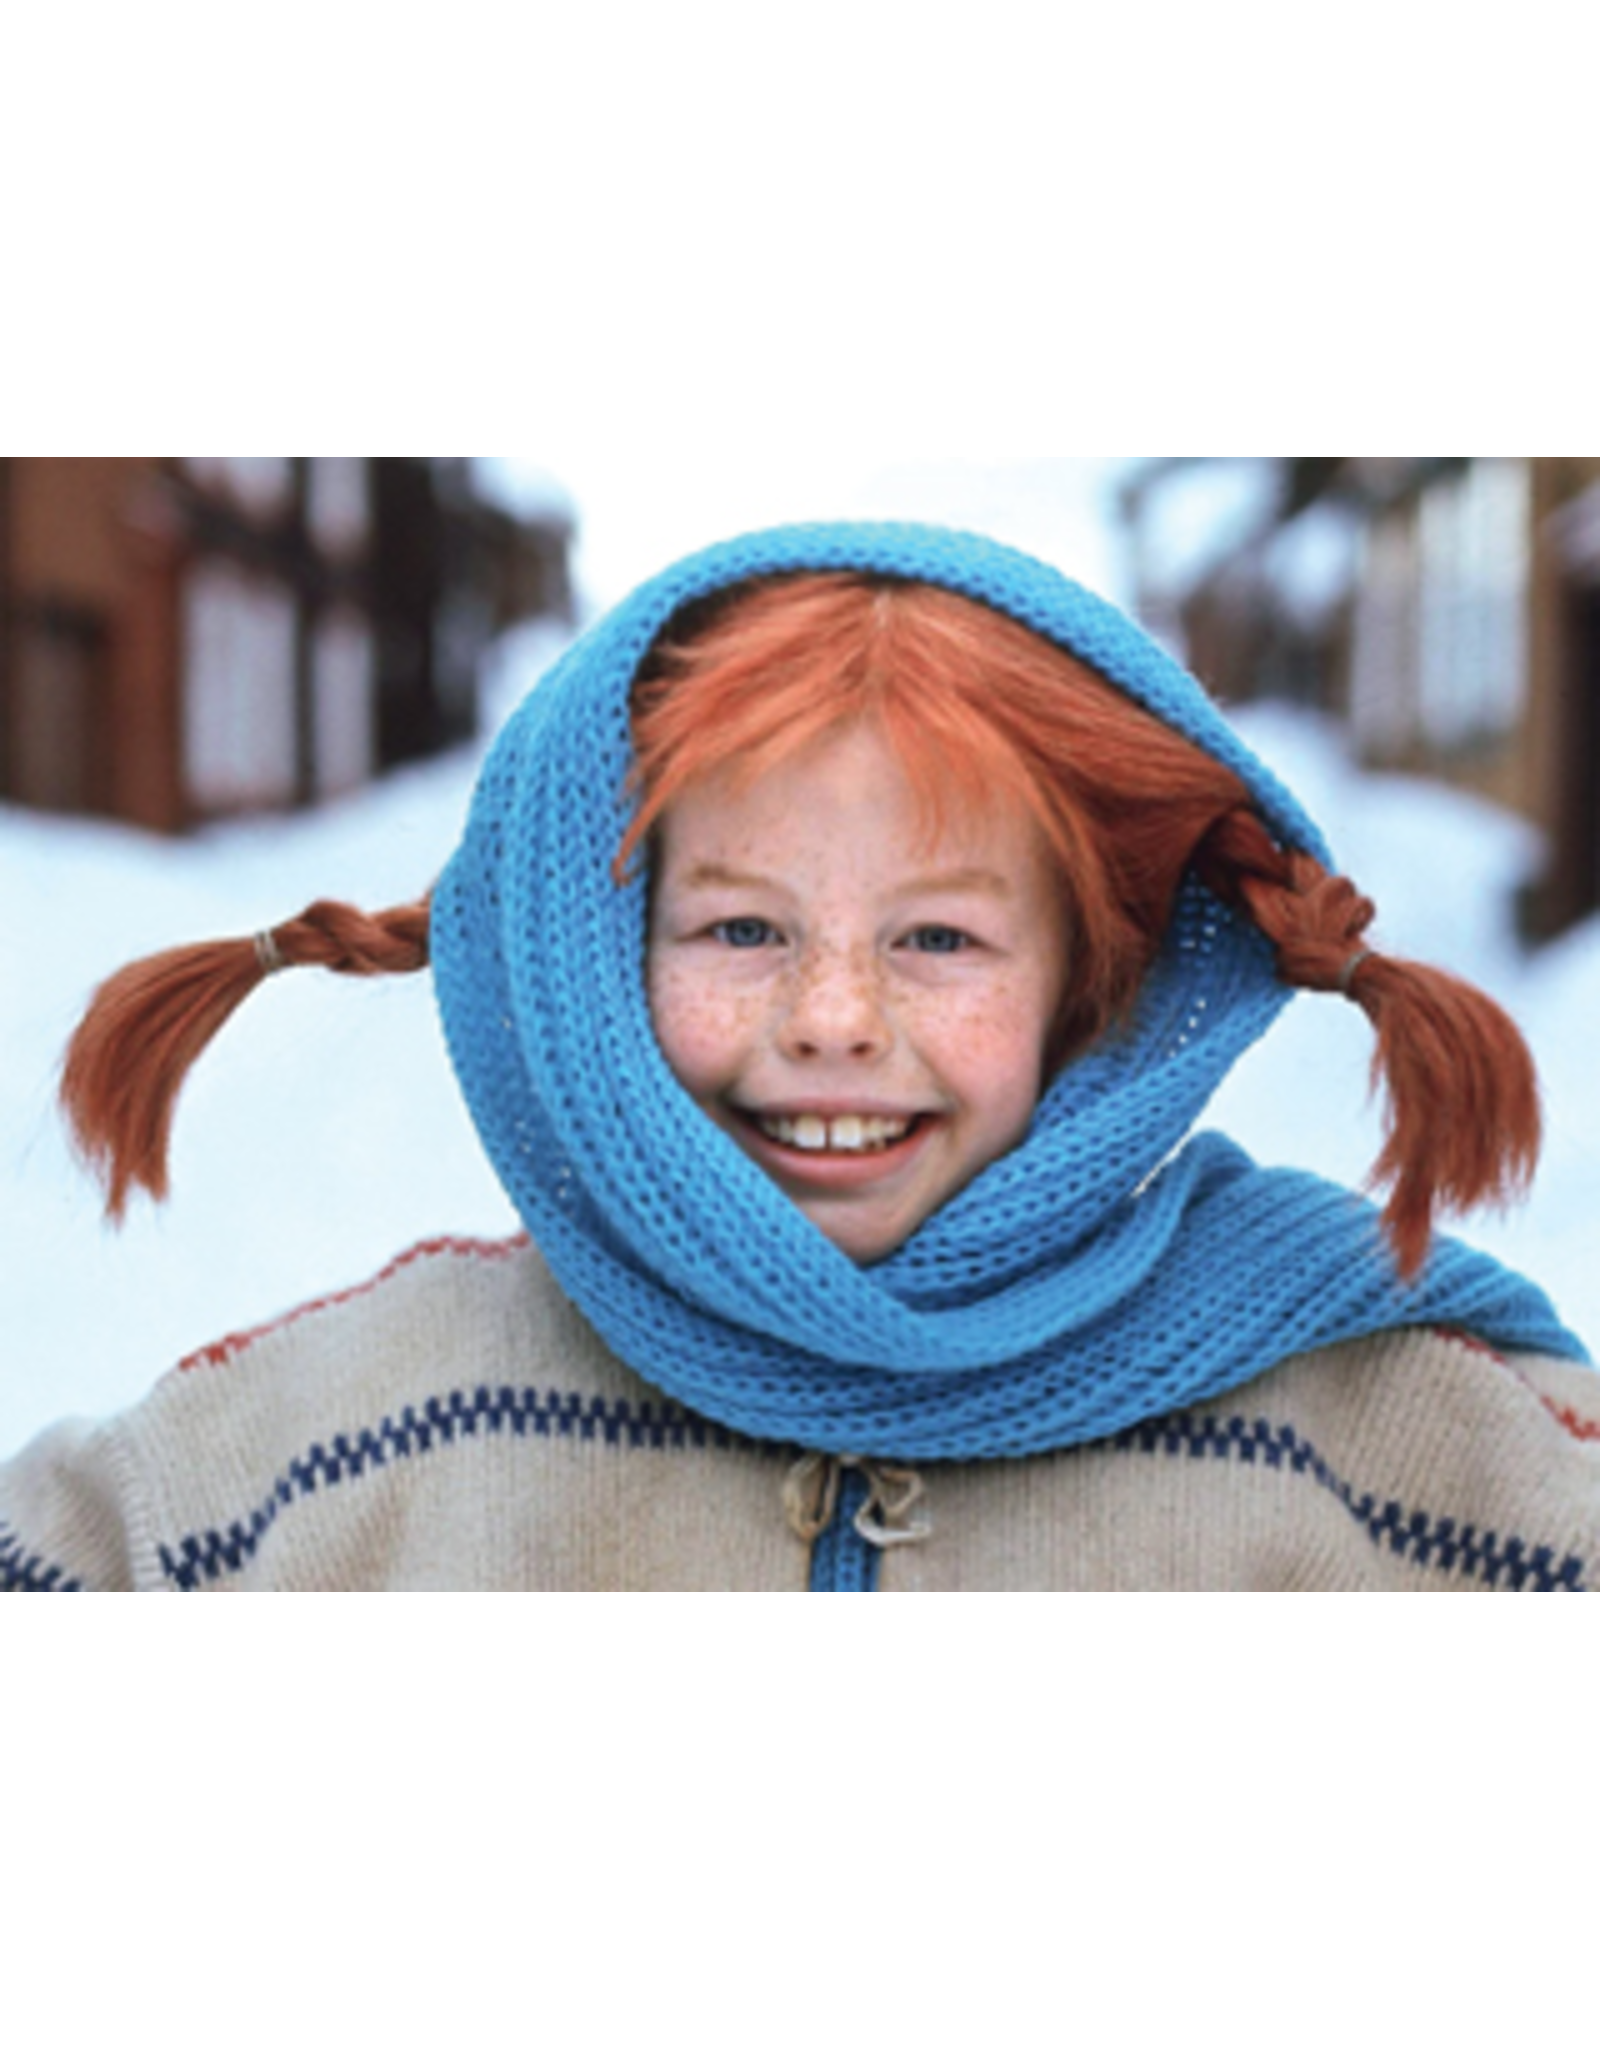 Pippi Langkous Pippi Langkous kaart - Winter